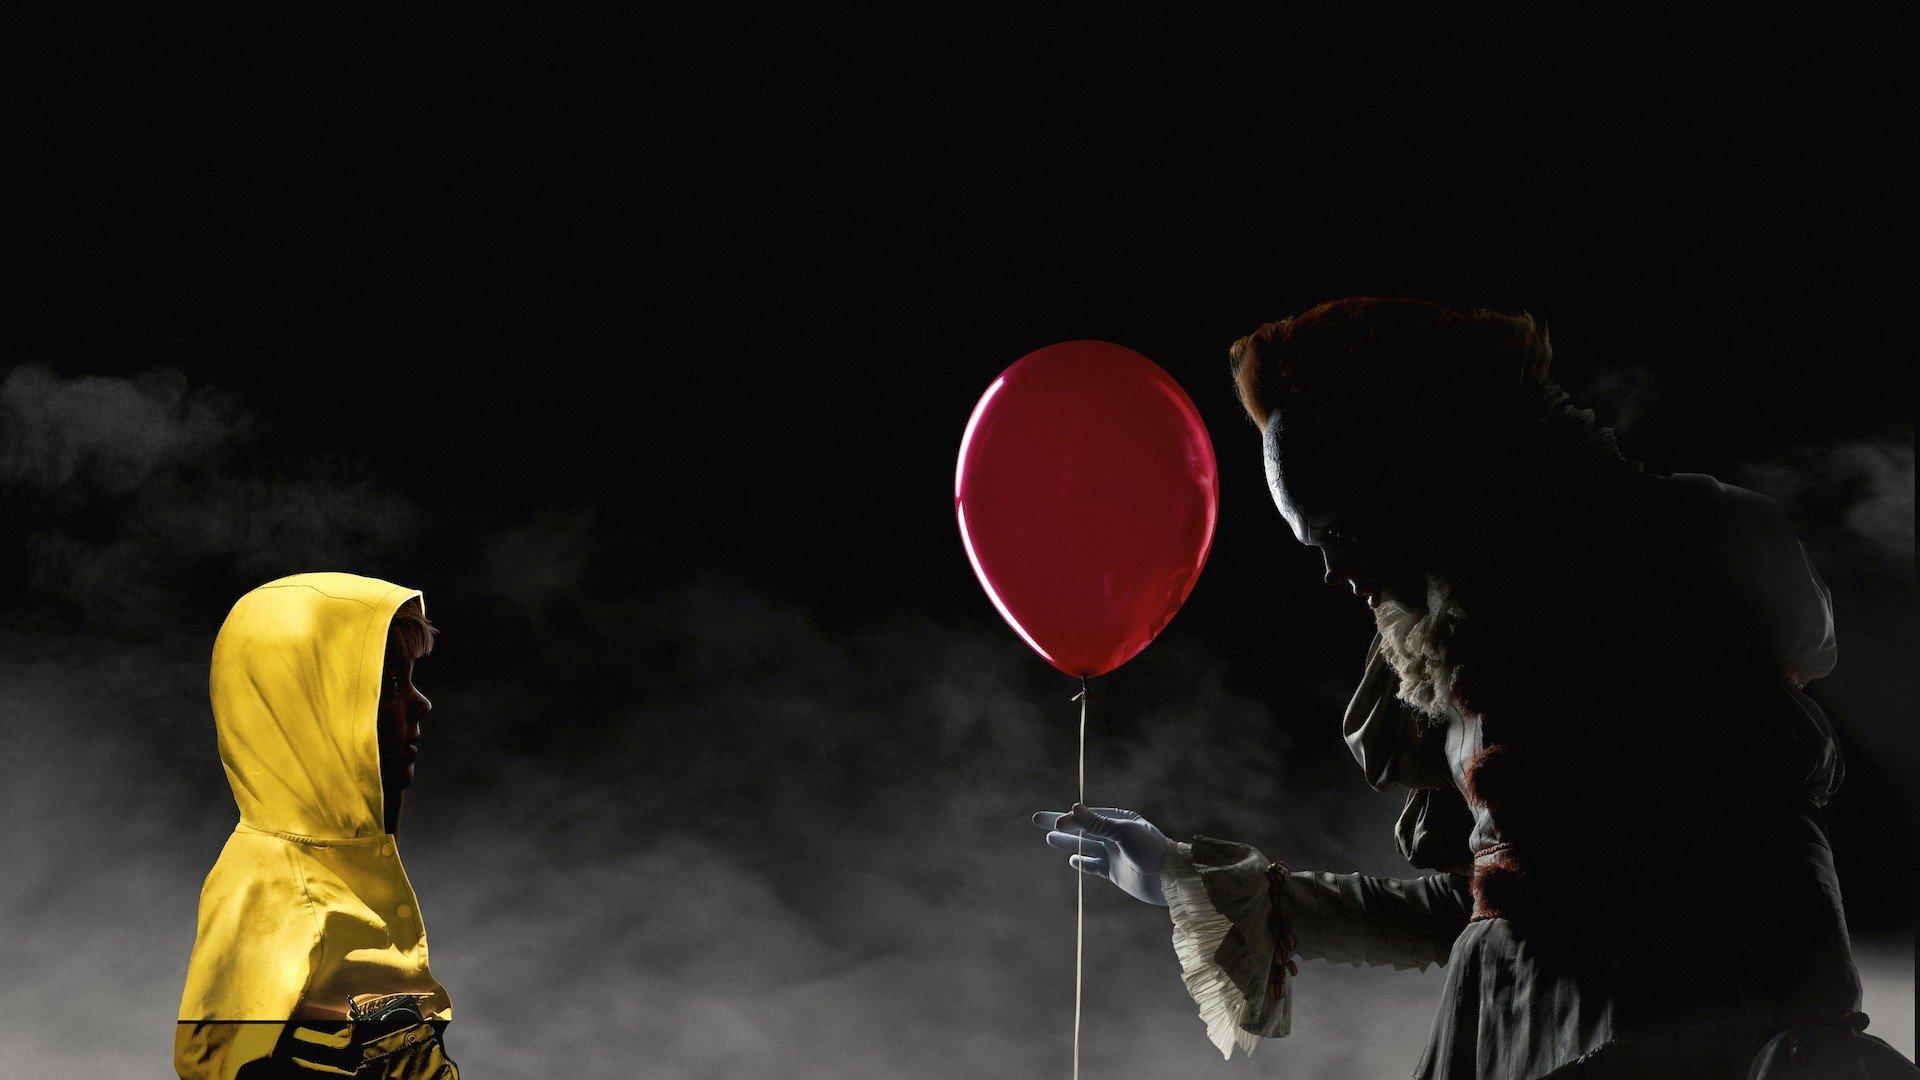 It: recensione del film tratto dal capolavoro di Stephen King